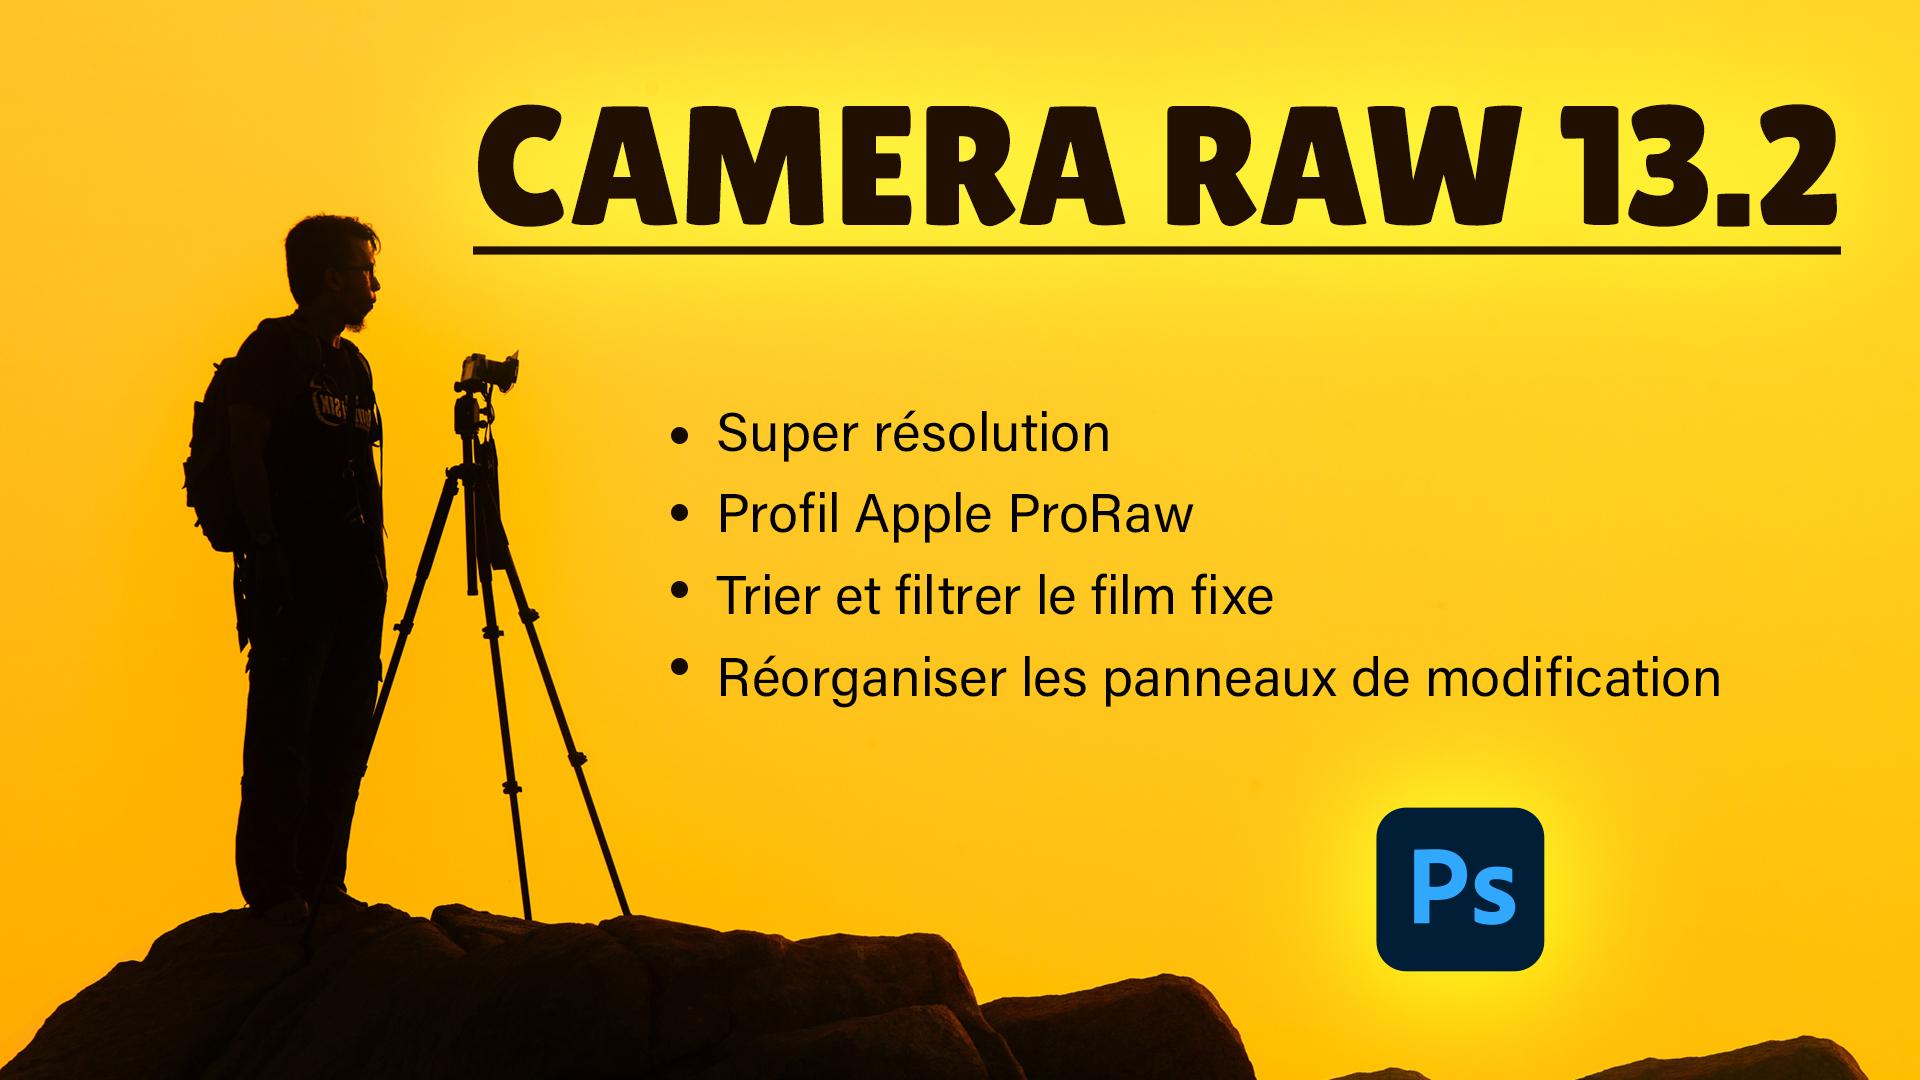 Mise à jour Photoshop Camera Raw 13.2